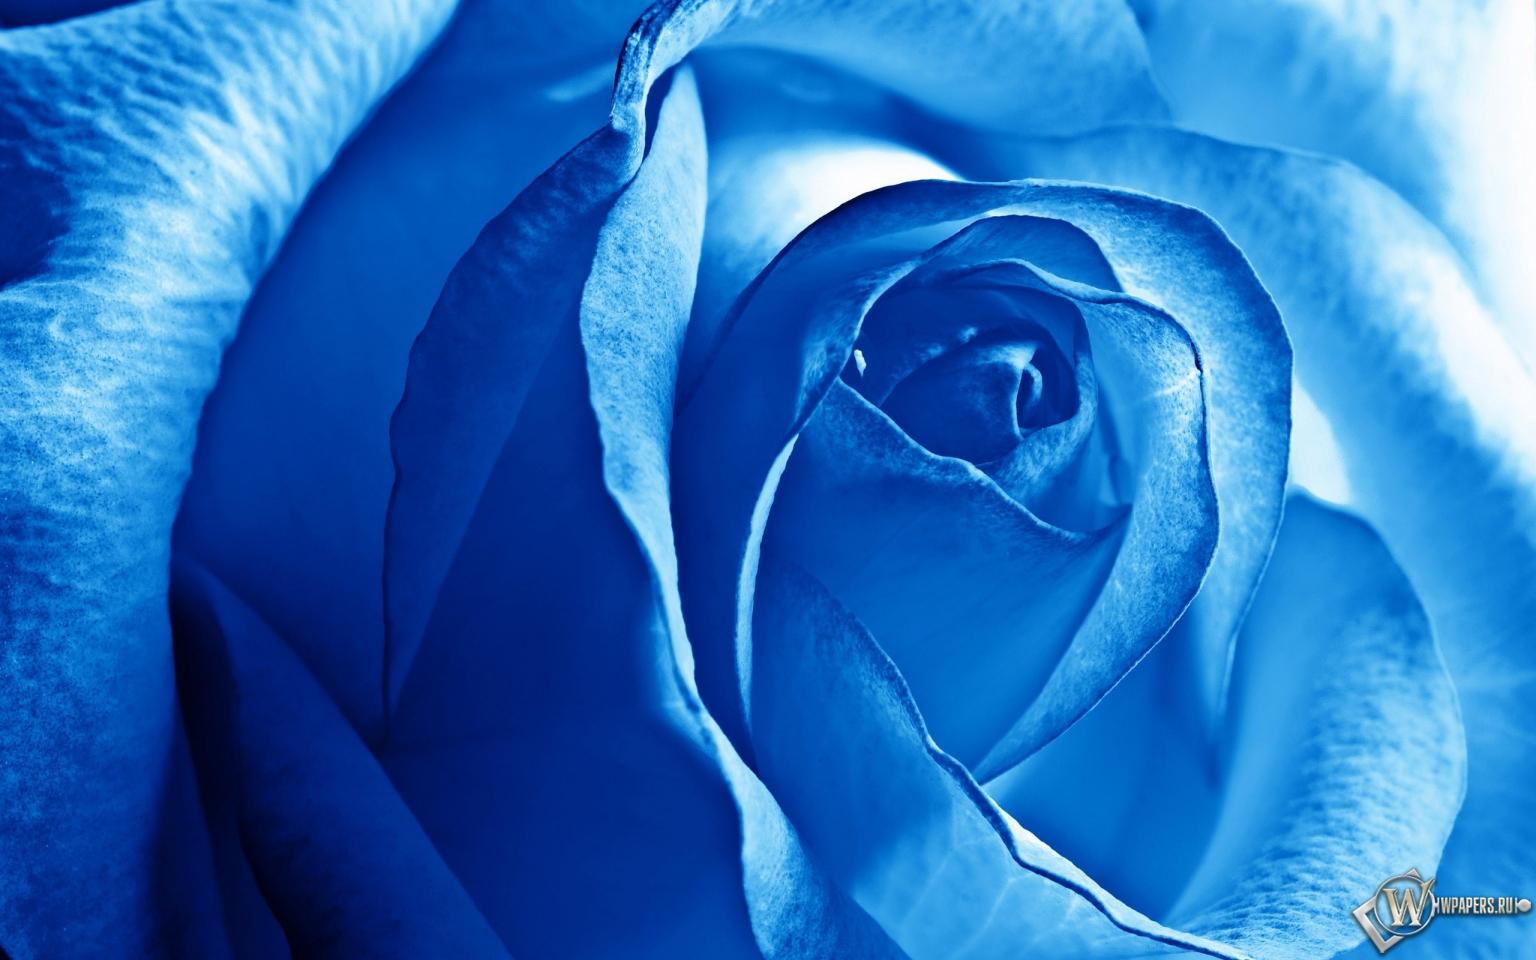 Роза синяя 1536x960